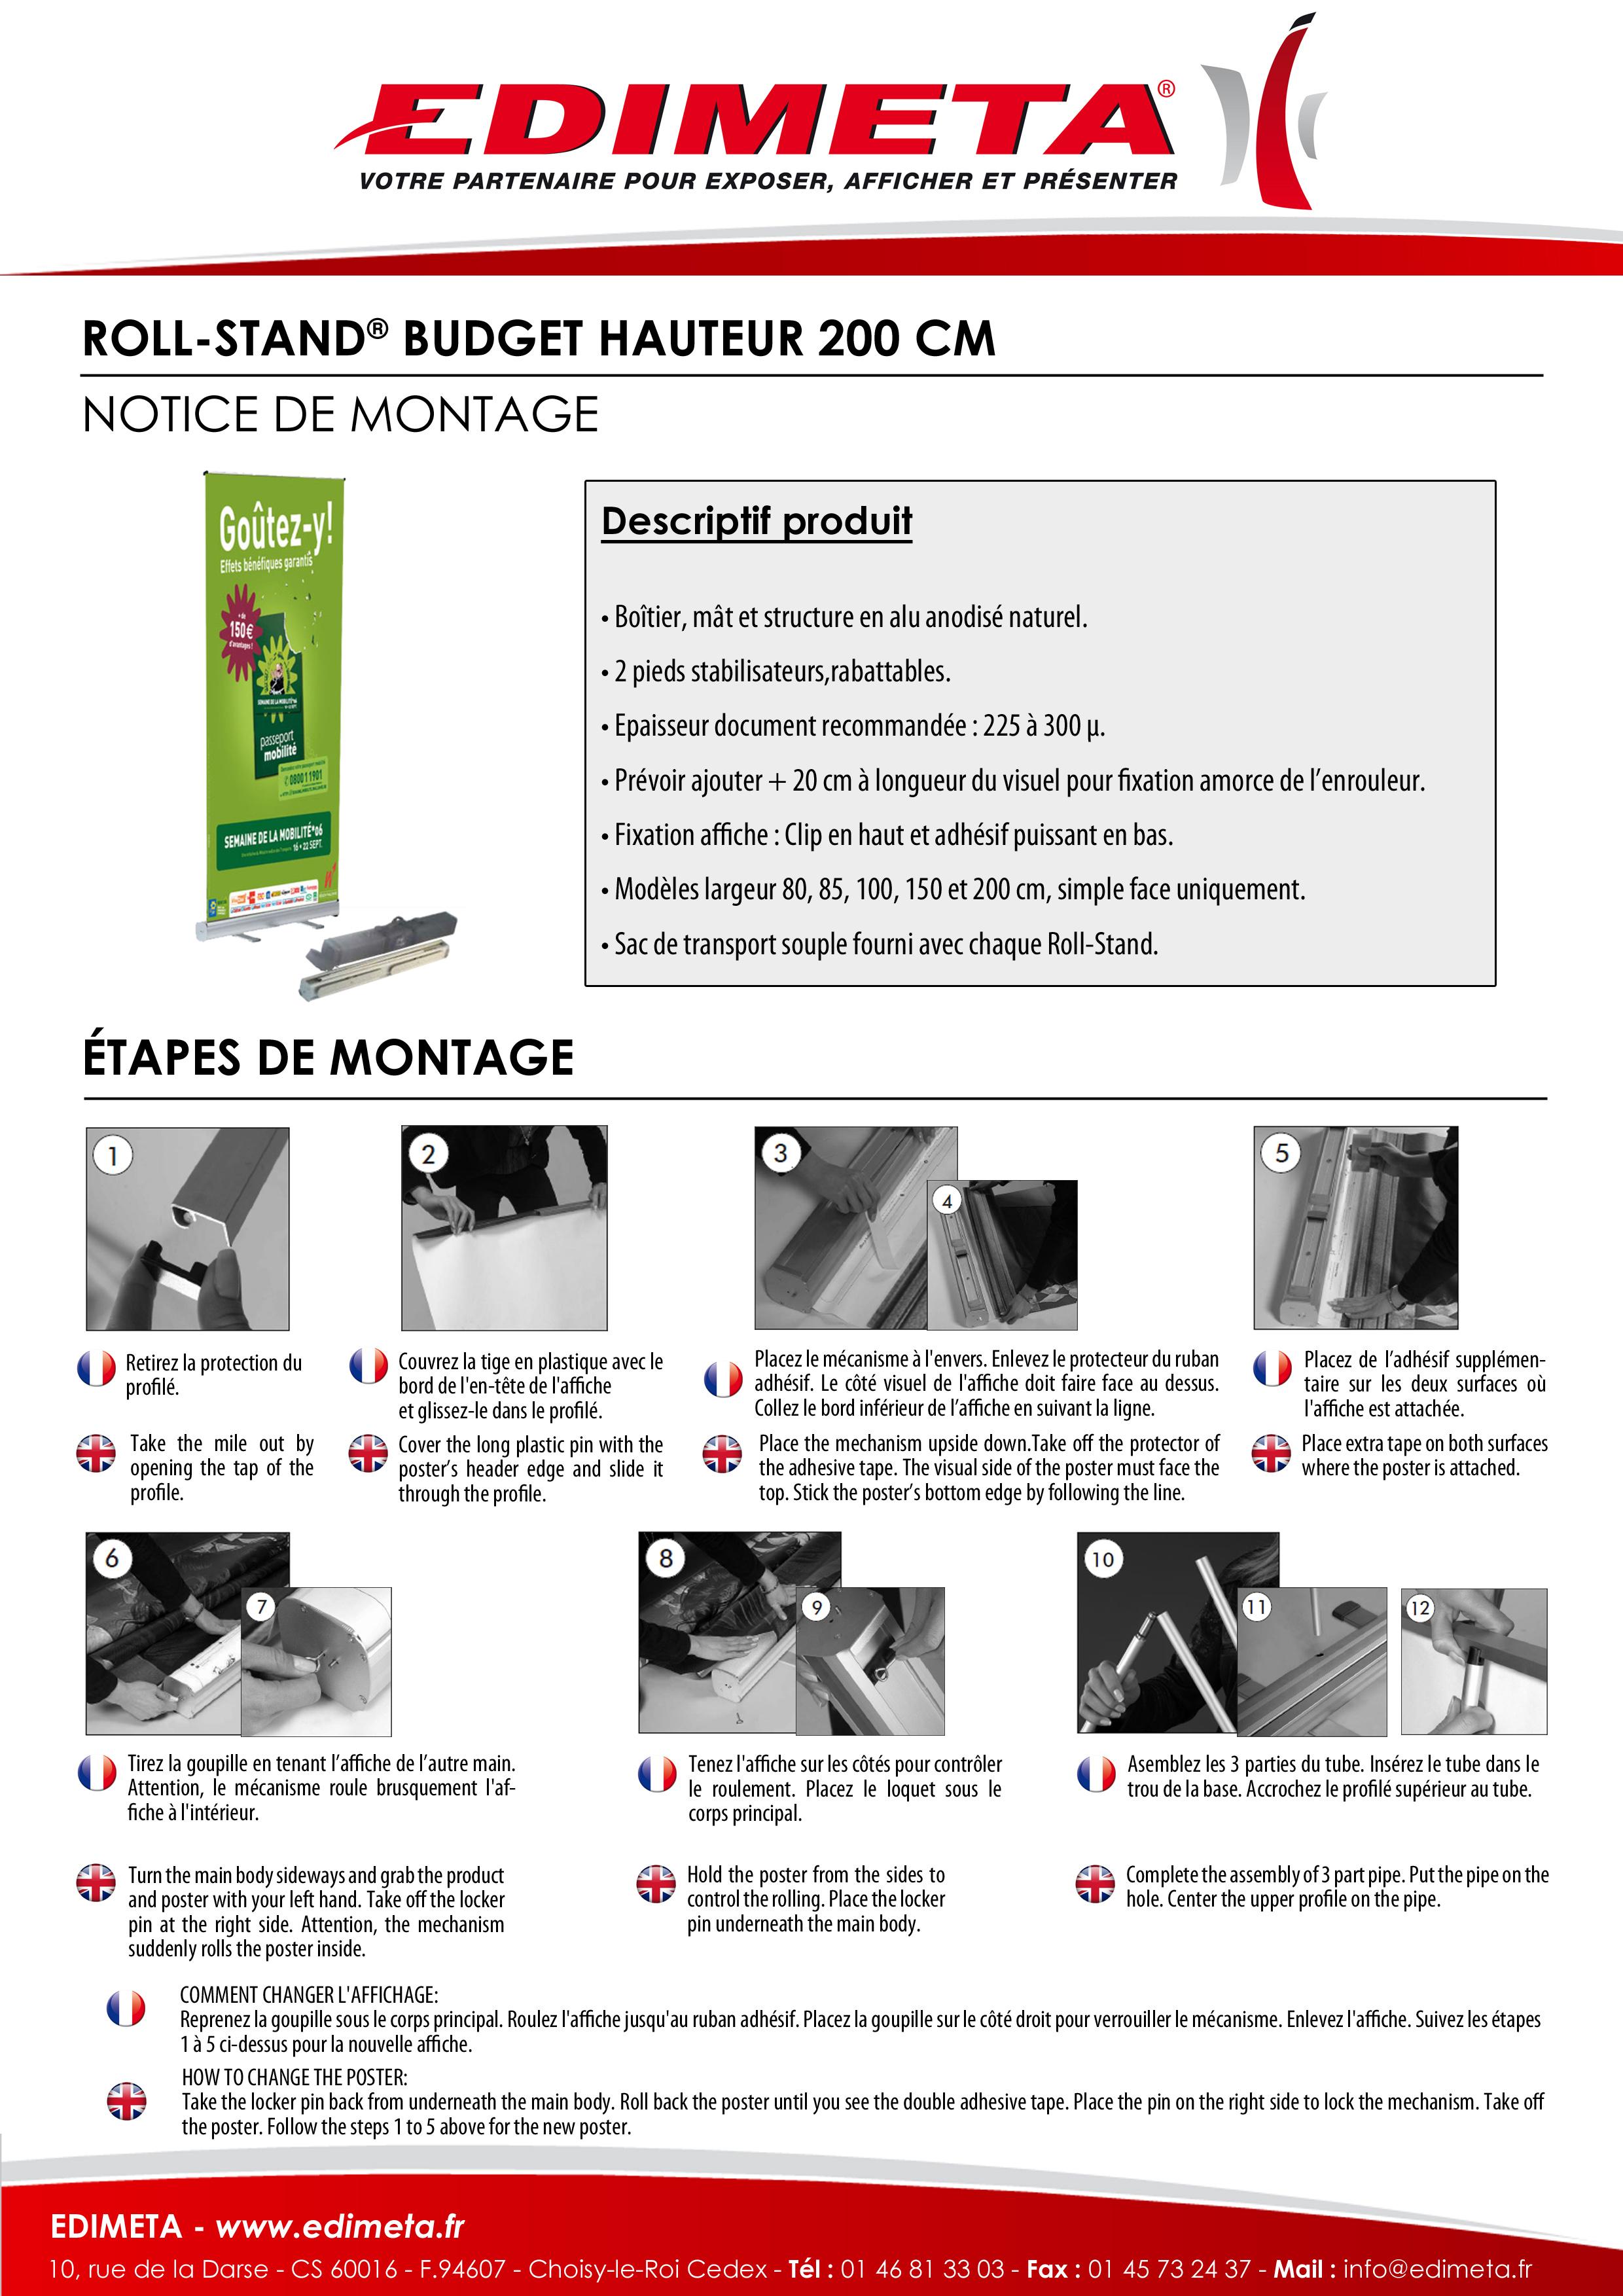 NOTICE DE MONTAGE : ROLL-STAND BUDGET HAUTEUR 200 CM